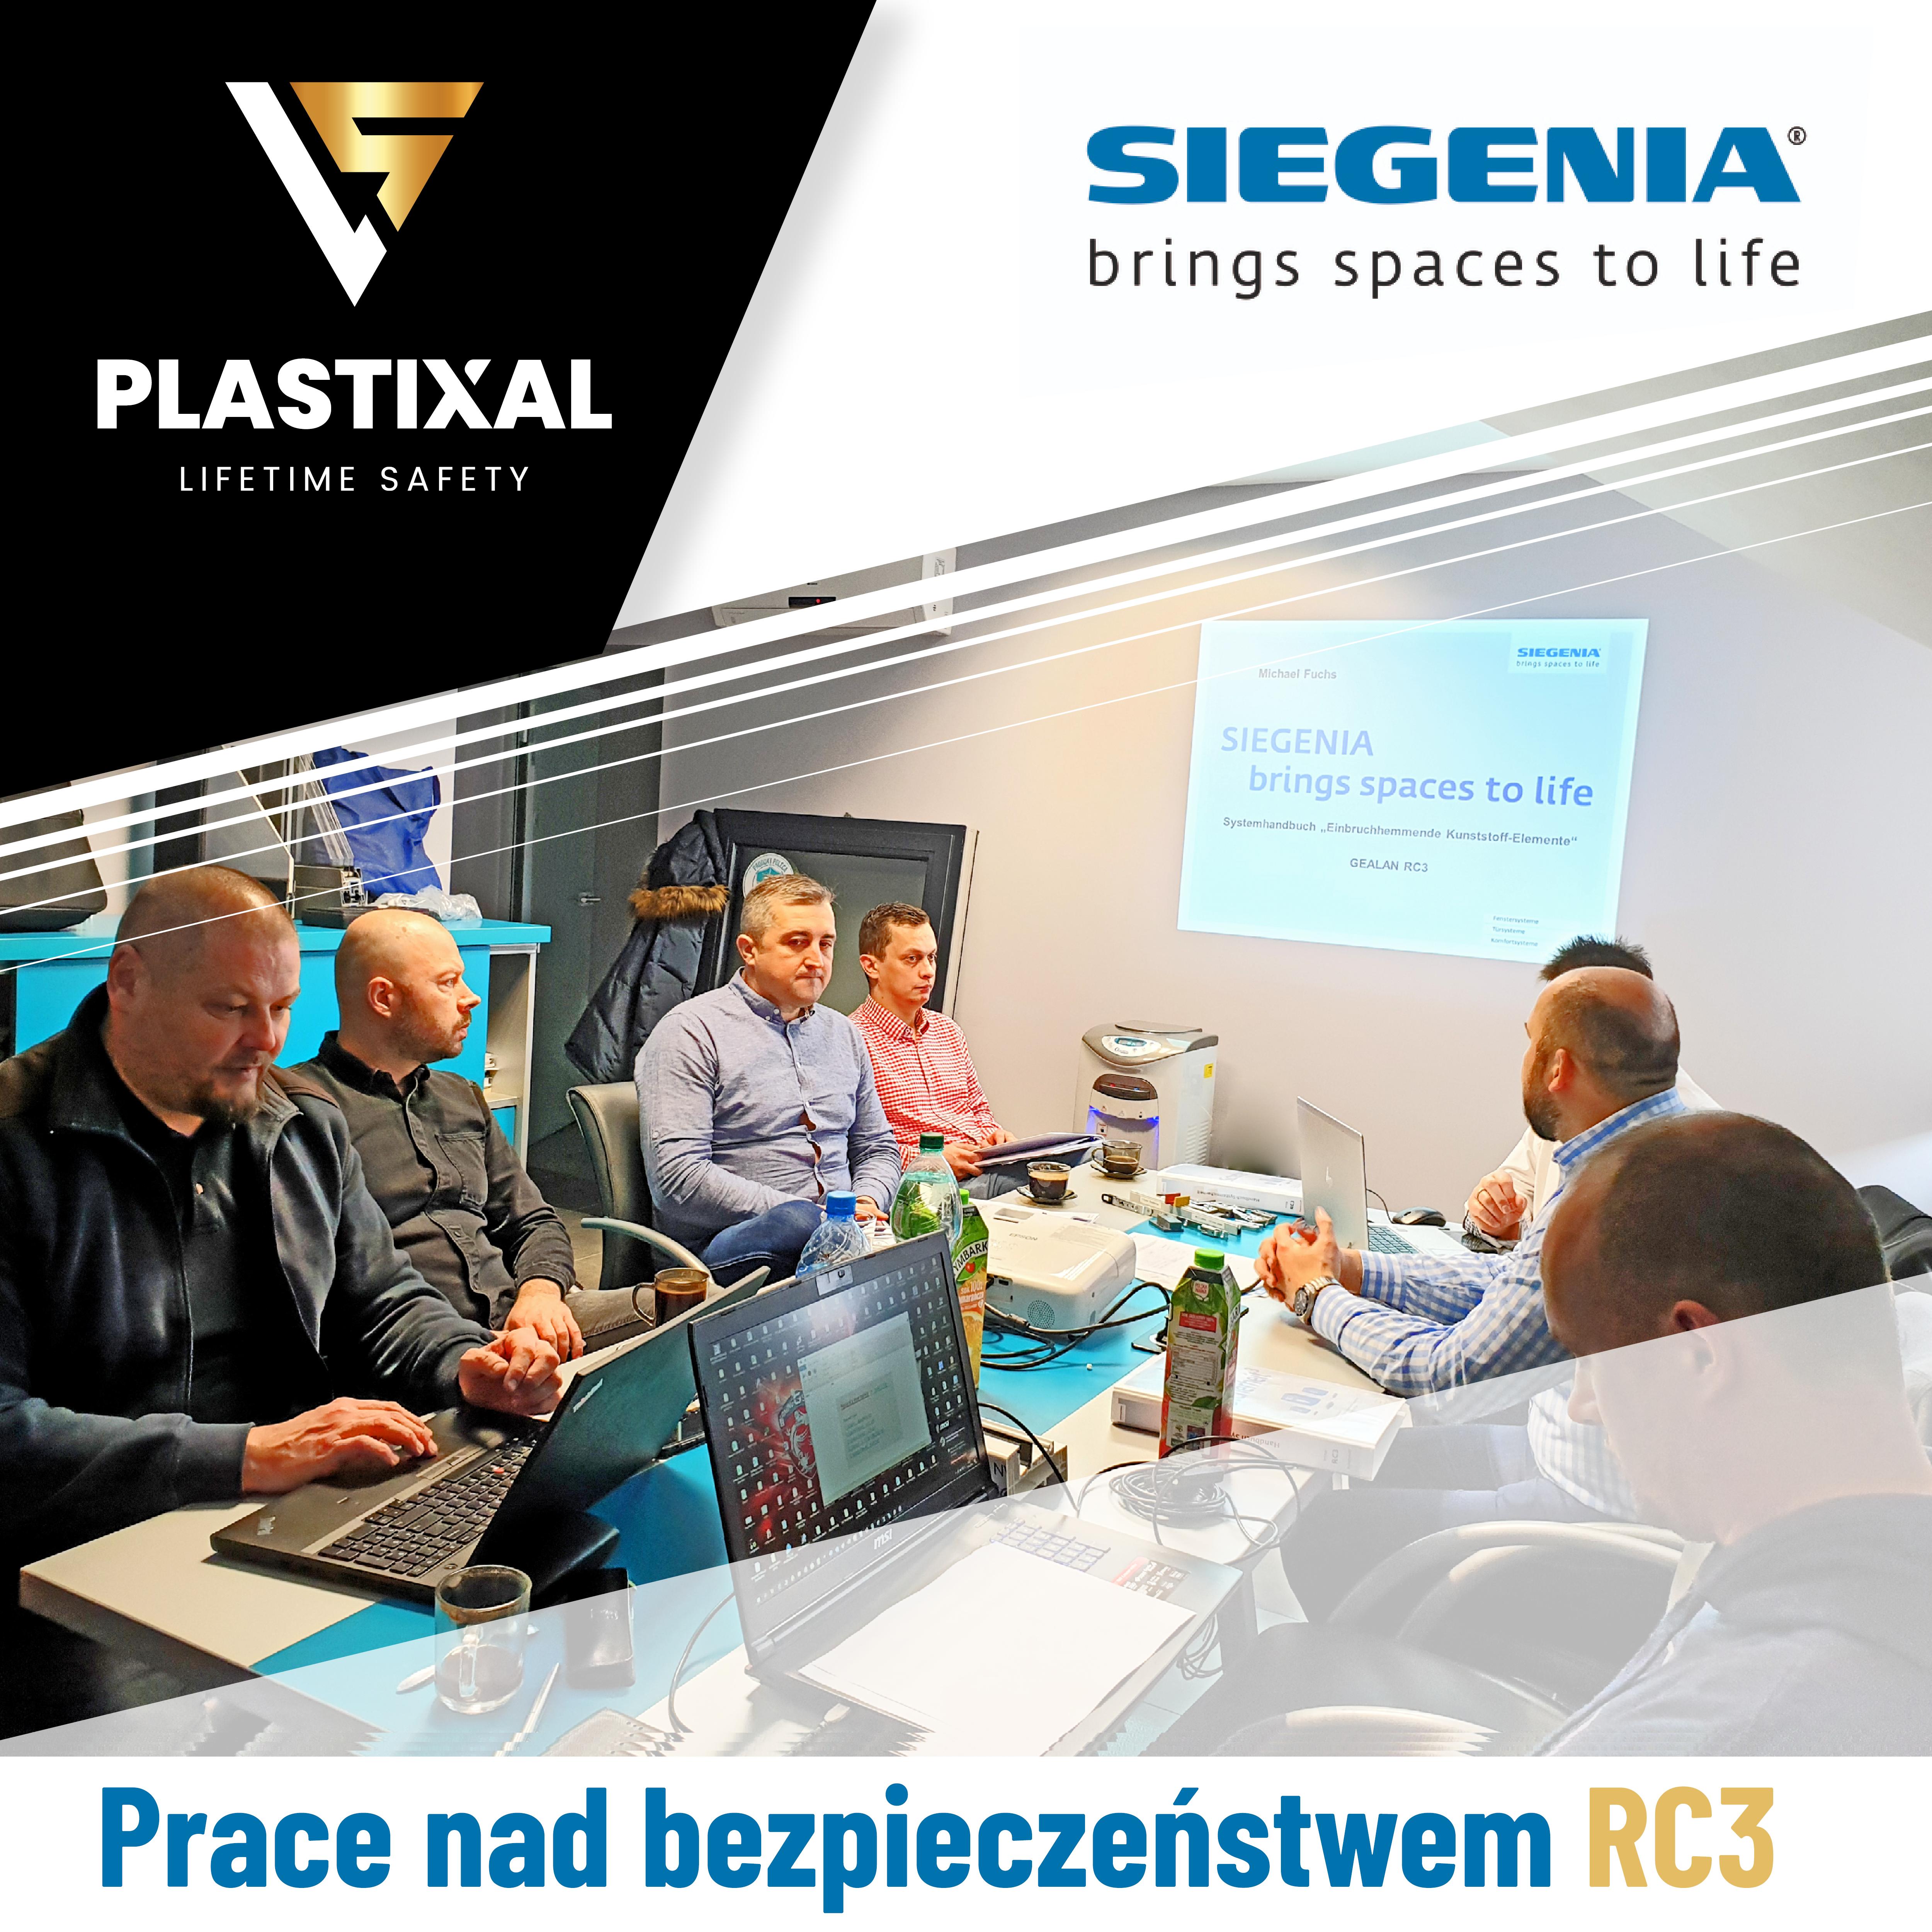 Spotkanie robocze Plastixal i Siegenia - analiza techniczna okna RC3